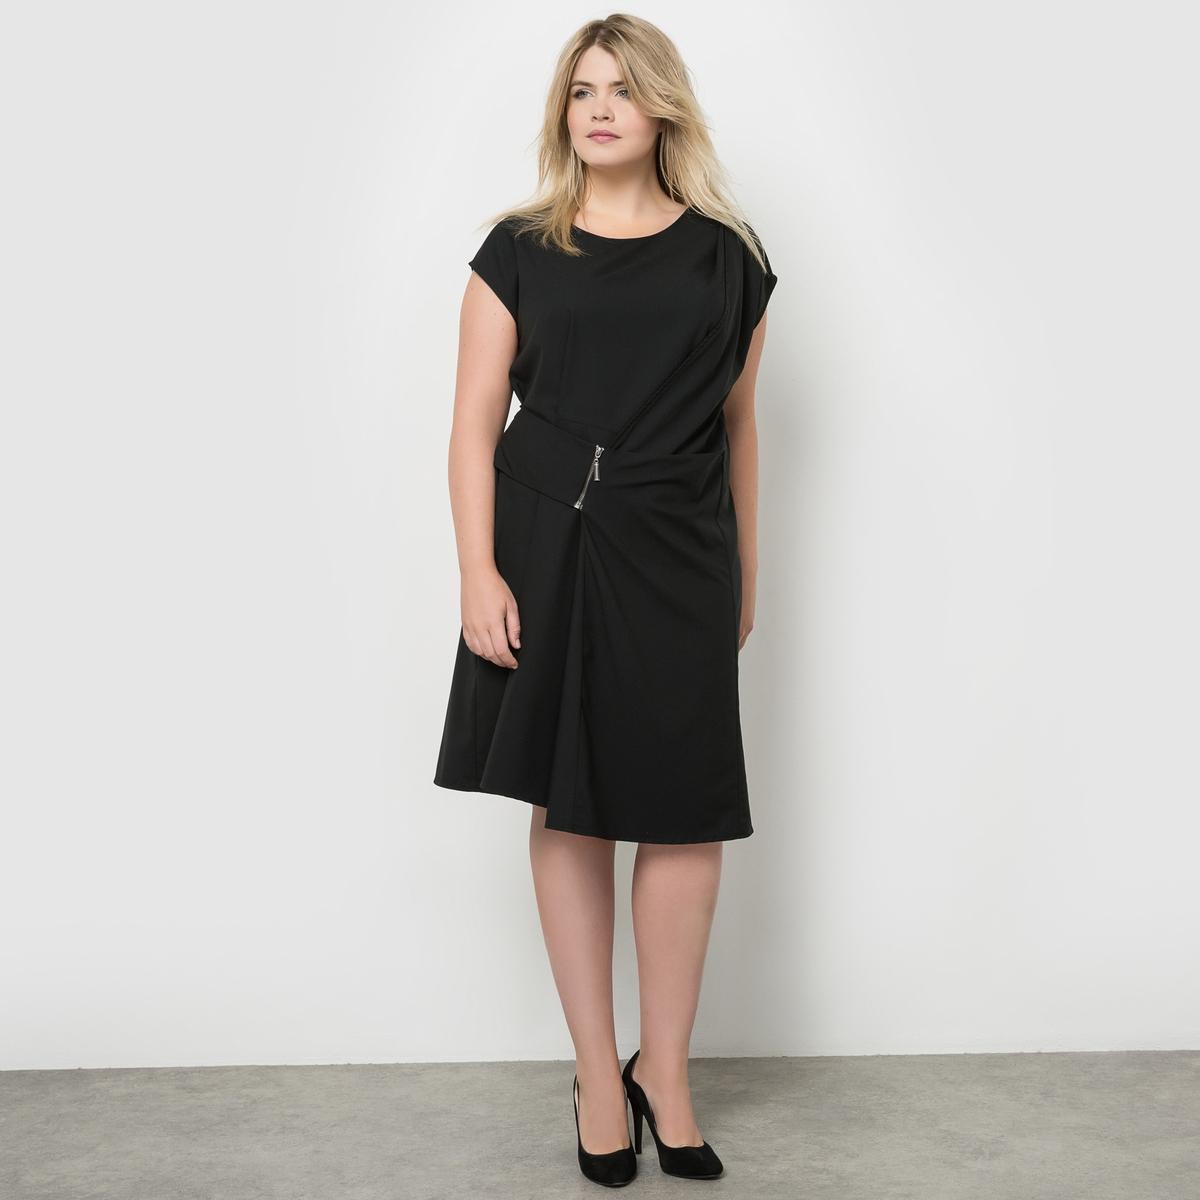 ПлатьеПлатье с драпировкой, короткий рукав MELLEM. 86% полиэстера, 14% эластана. Очень женственное платье с драпировкой, искусно скрывающей линию живота невзирая на приталенный покрой и современный вид. Застежка на металлическую молнию.  Очень удобное платье из креп-стрейча.  Круглый вырез.<br><br>Цвет: черный